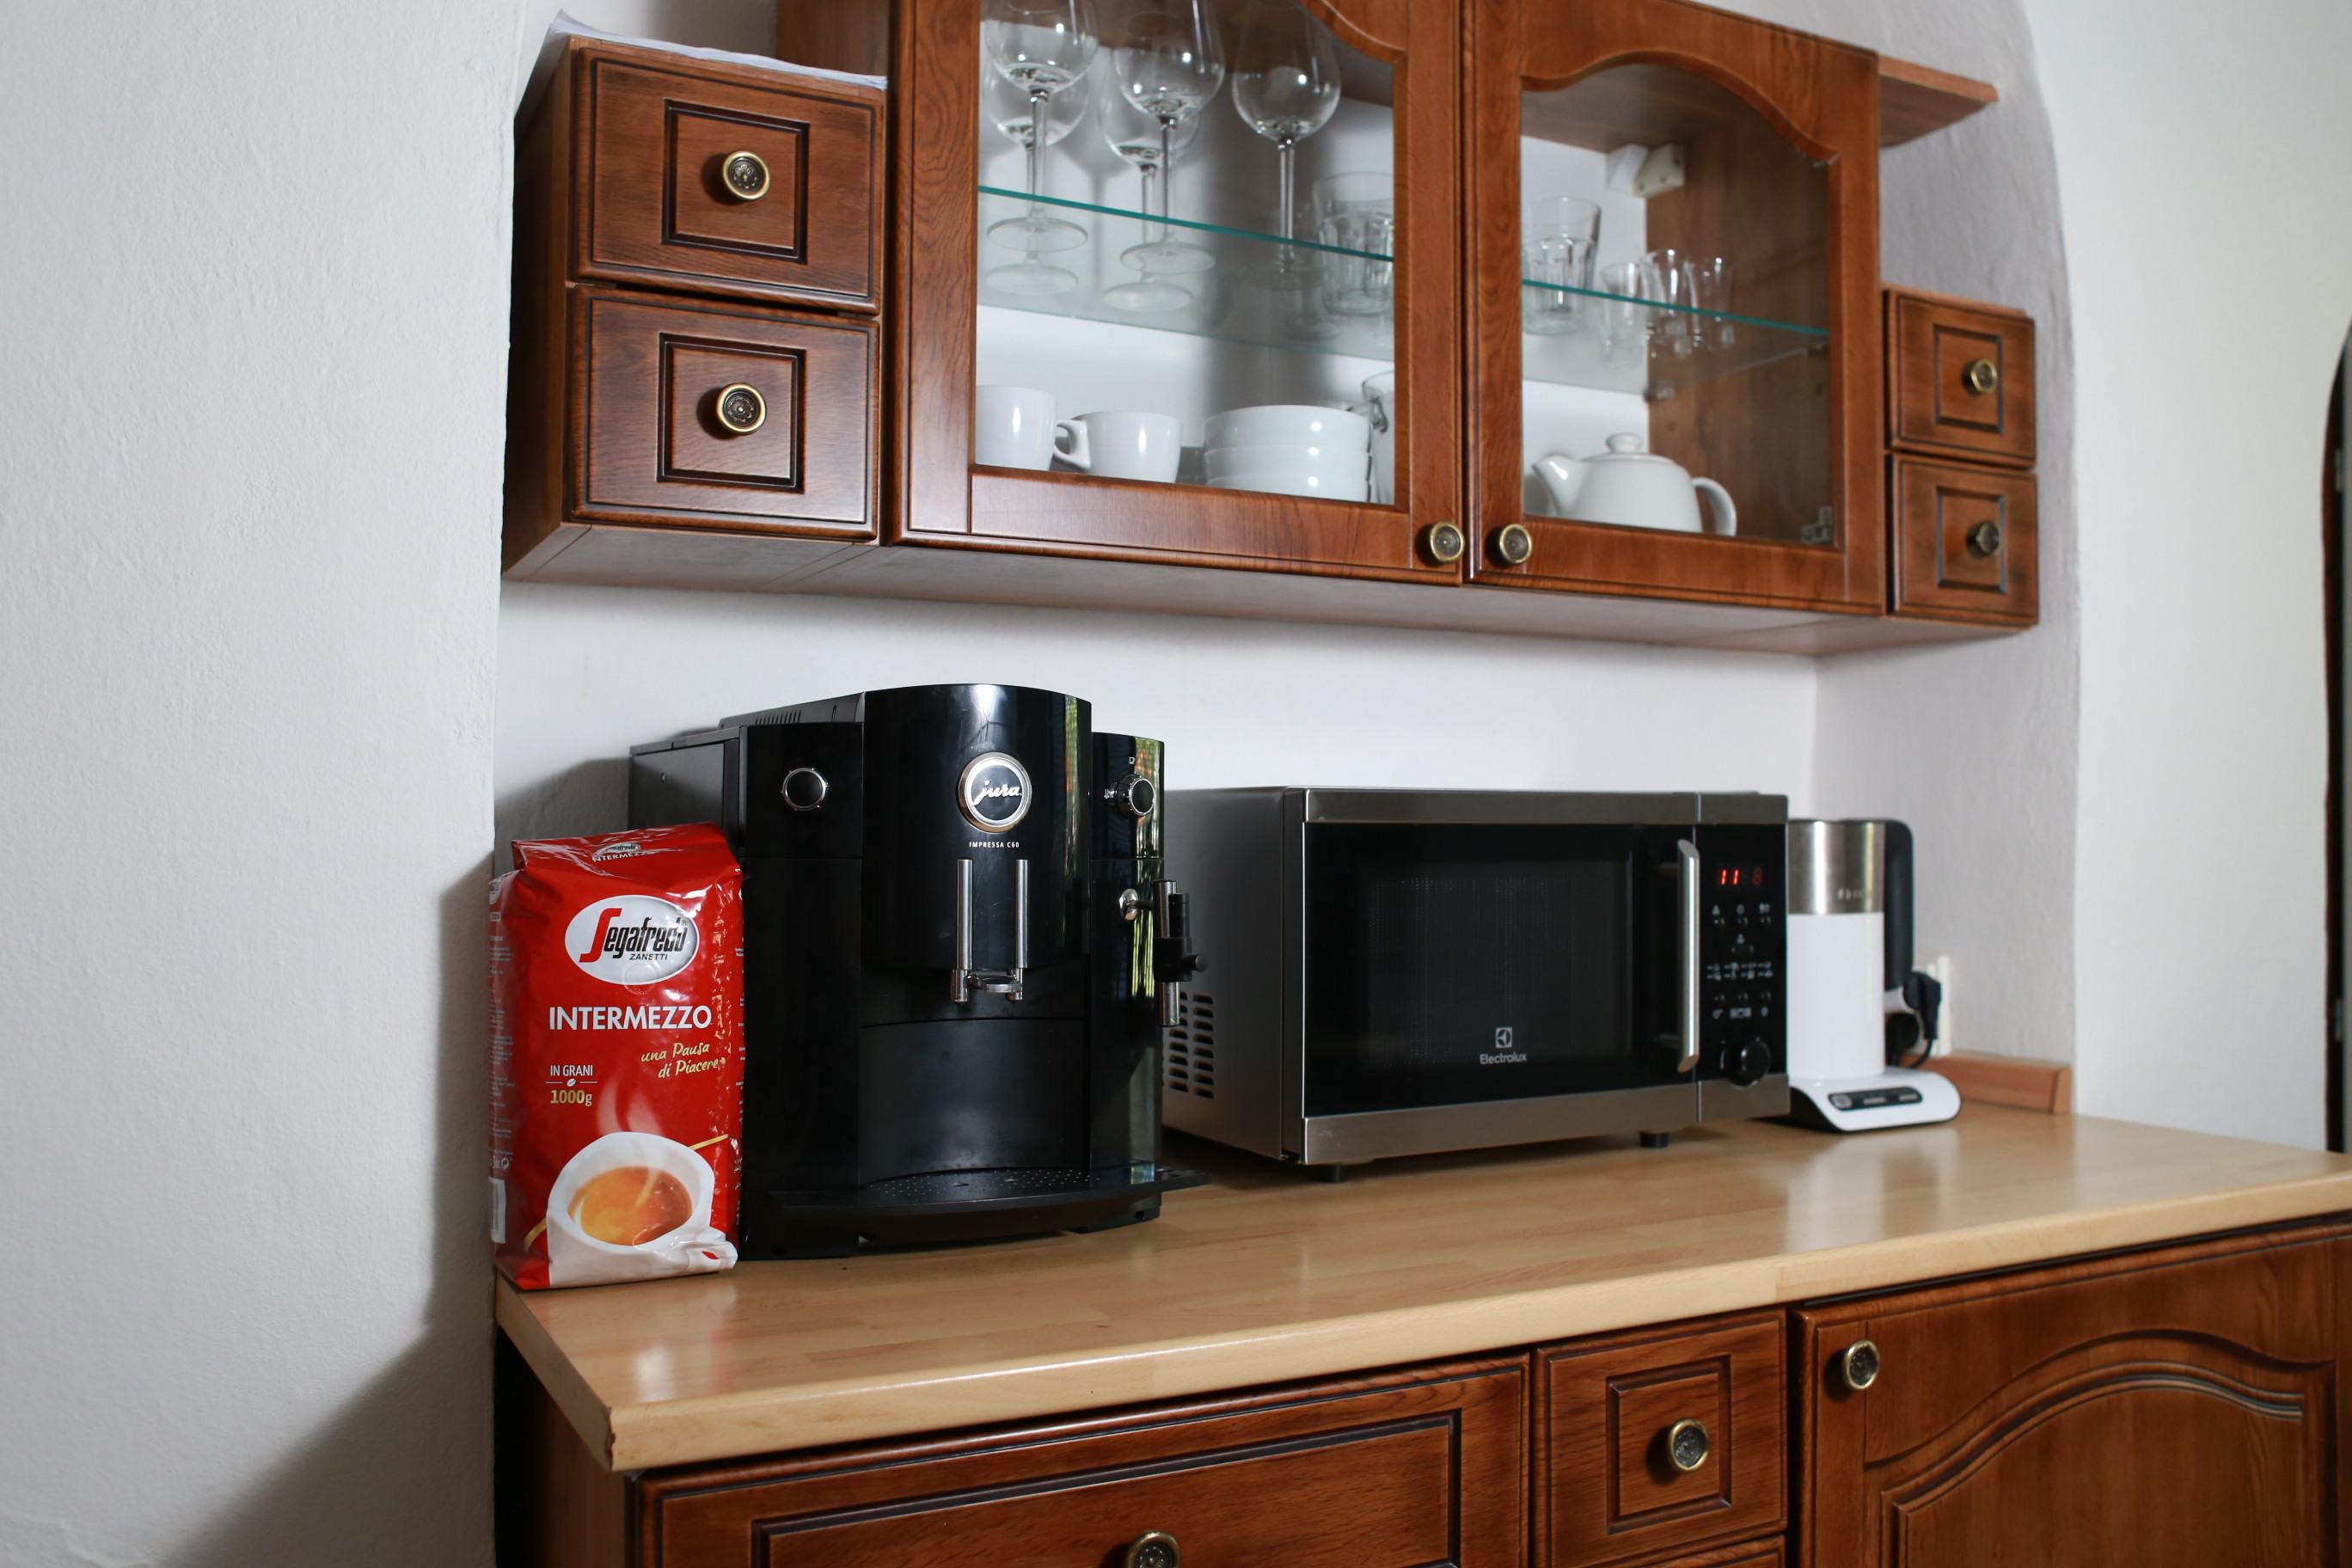 Vybavená kuchyň a kávovar Jura se zásobou kvalitní kávy